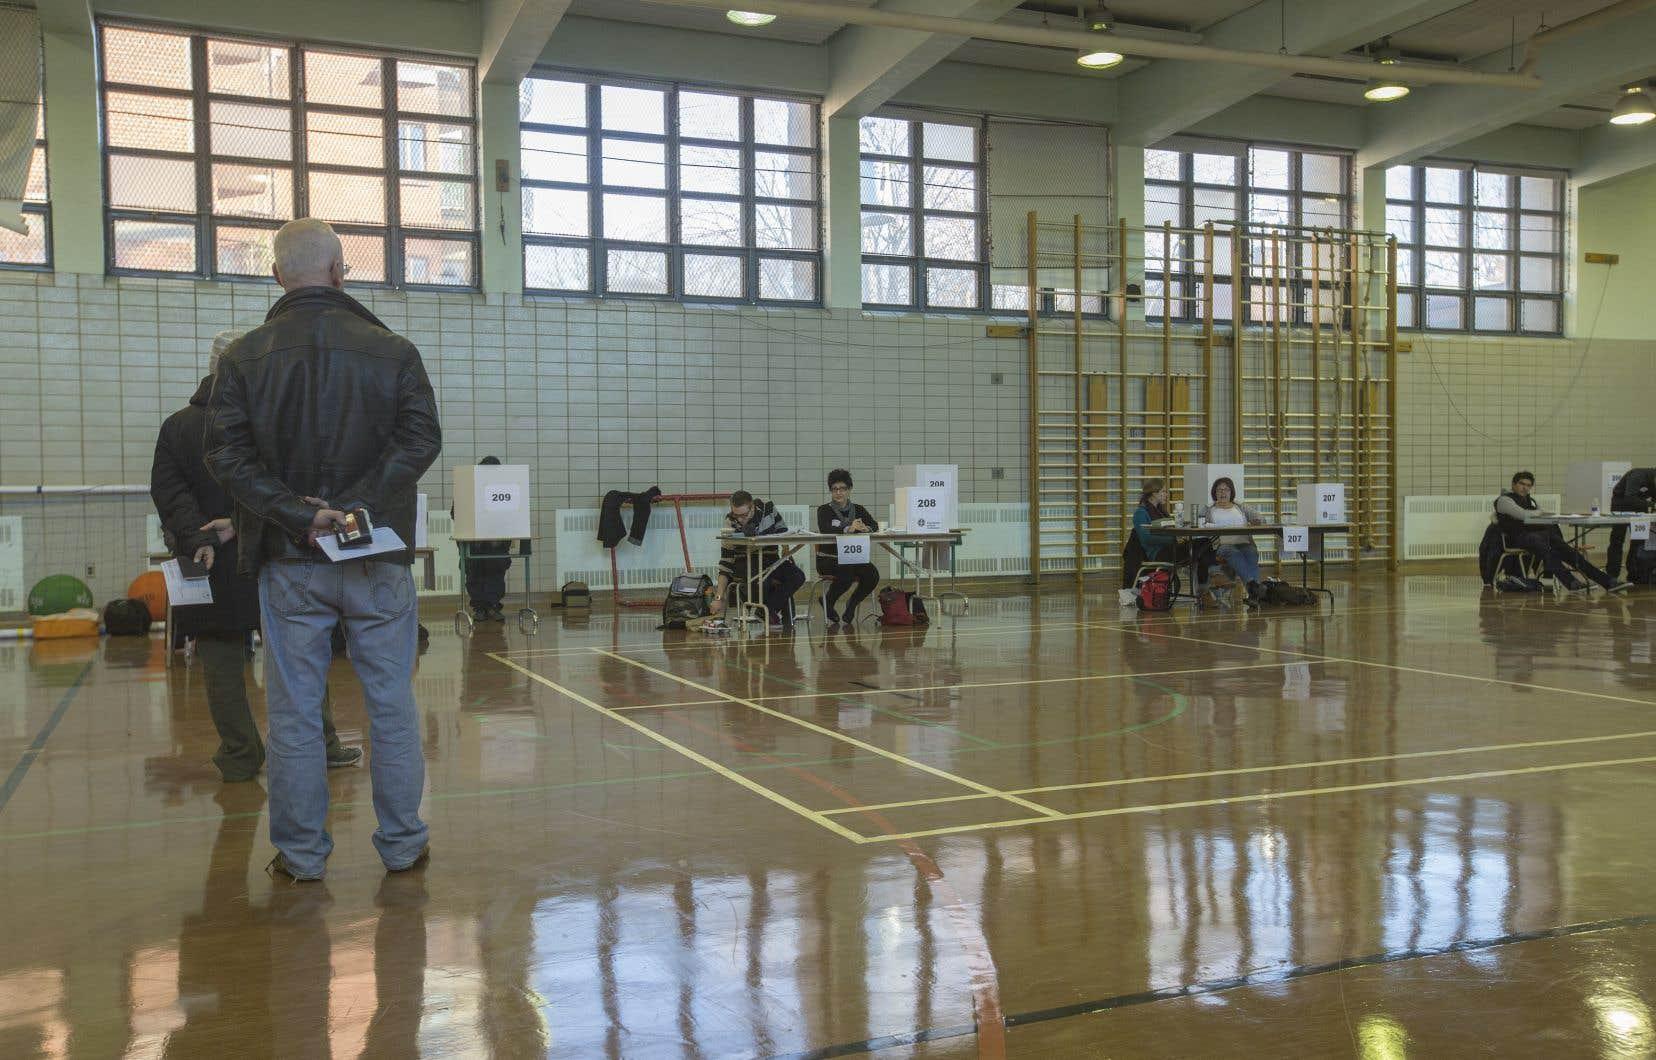 La très faible participation aux élections scolaires est prétexte à forcer un débat sur les structures scolaires, affirme l'auteur.